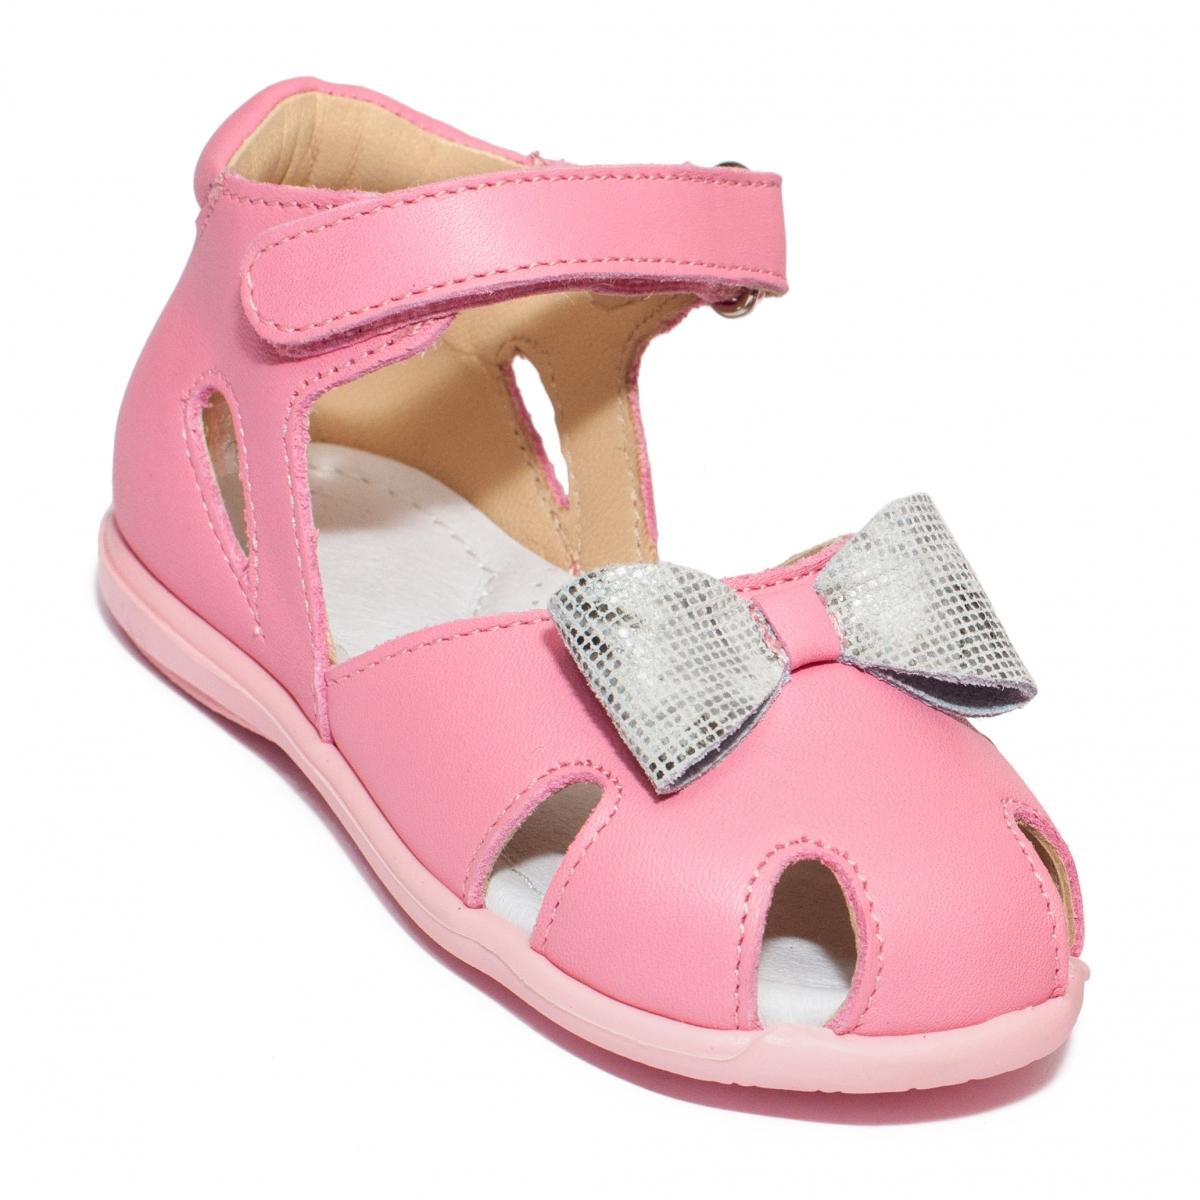 Sandalute fete avus piele 743 roz arg 18-26